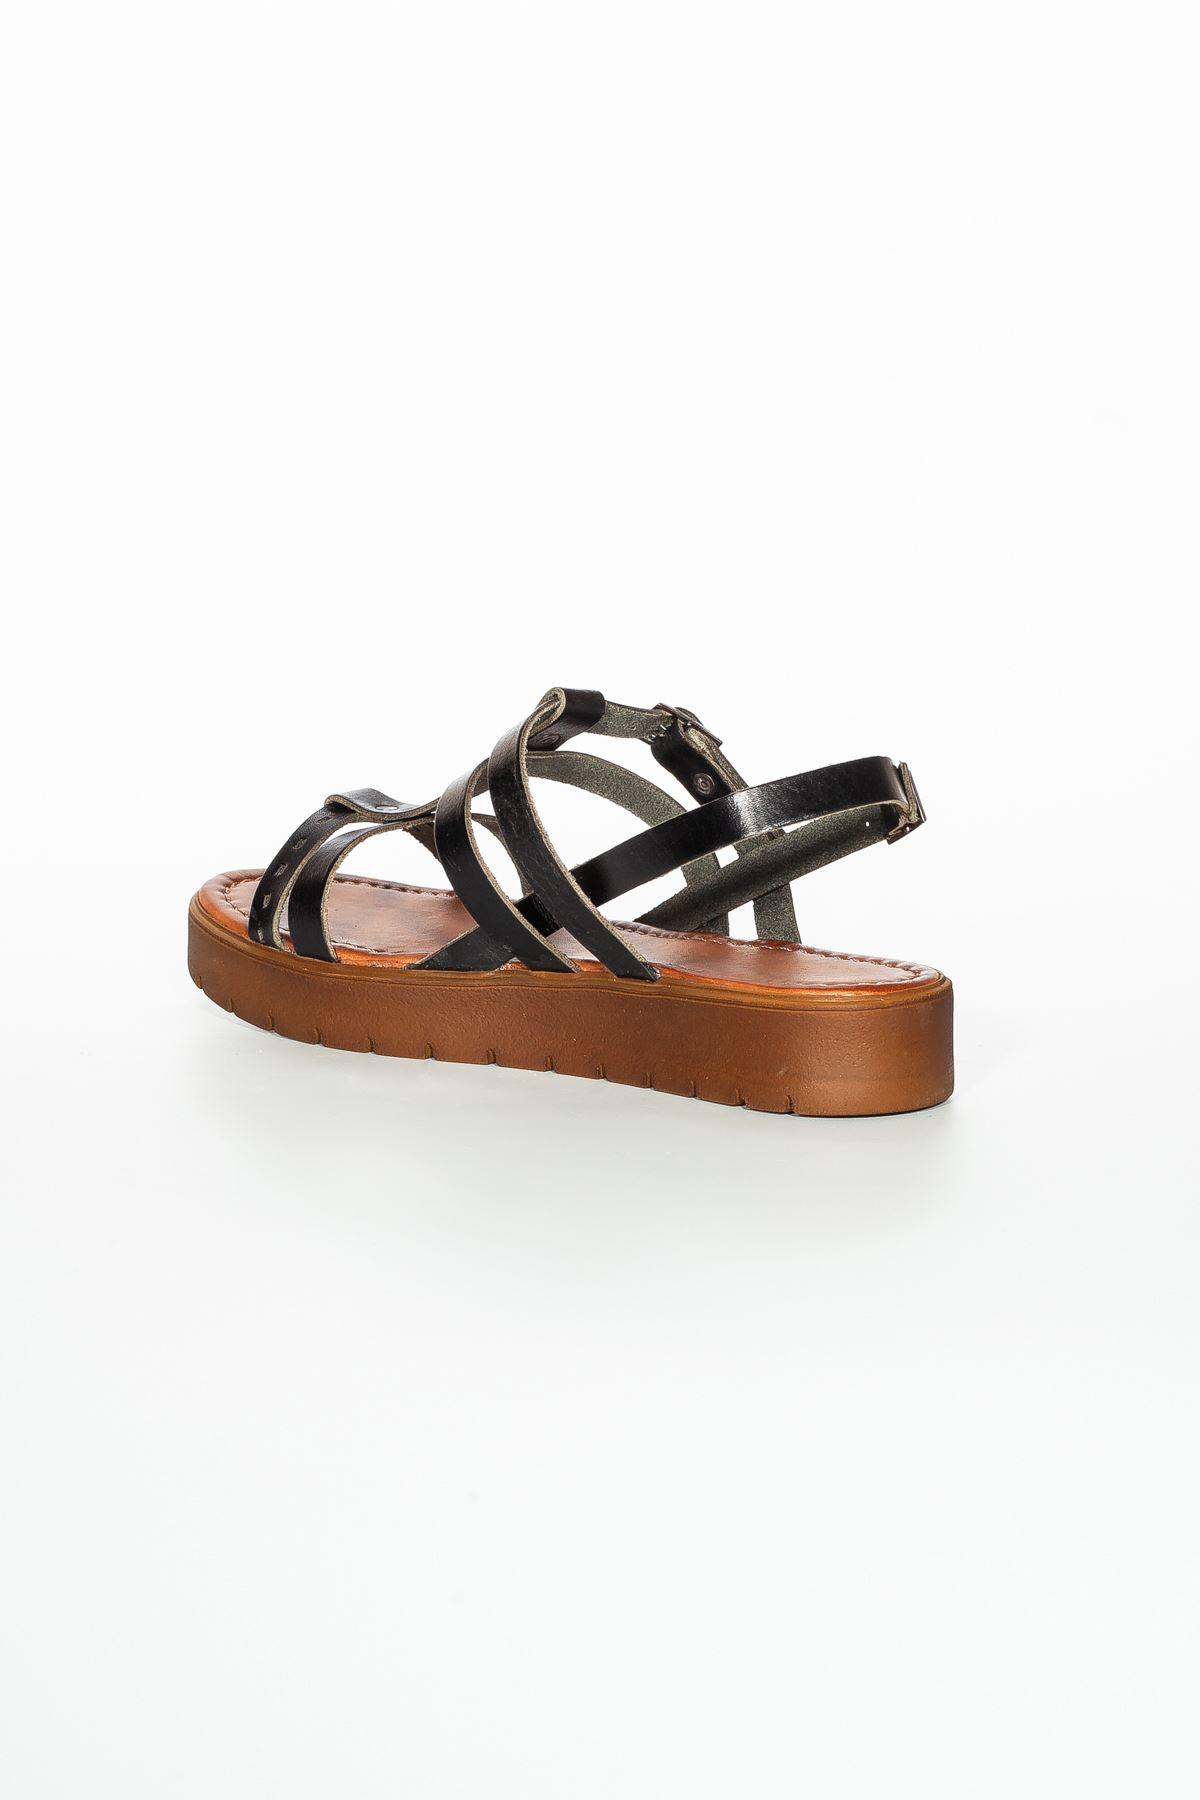 Runee RT3111 Siyah Bayan Hakiki Deri Sandalet